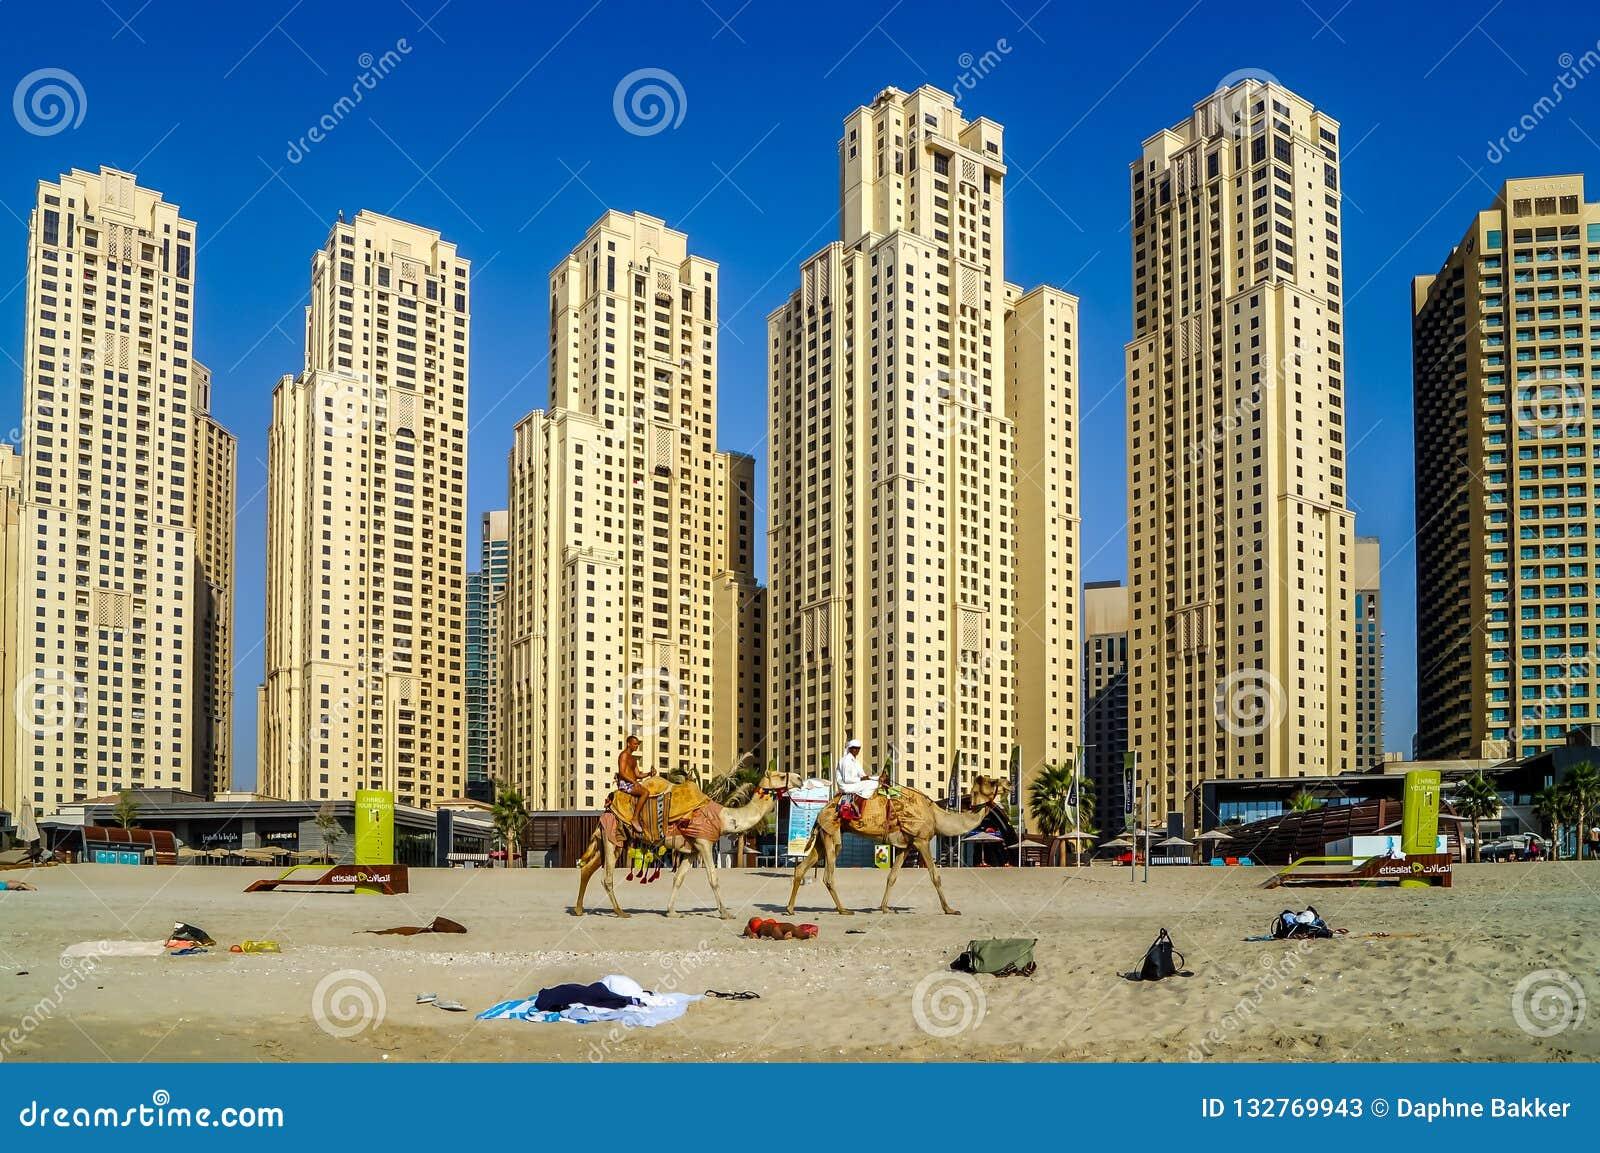 Skyline de Dubai com arranha-céus e camelos na praia